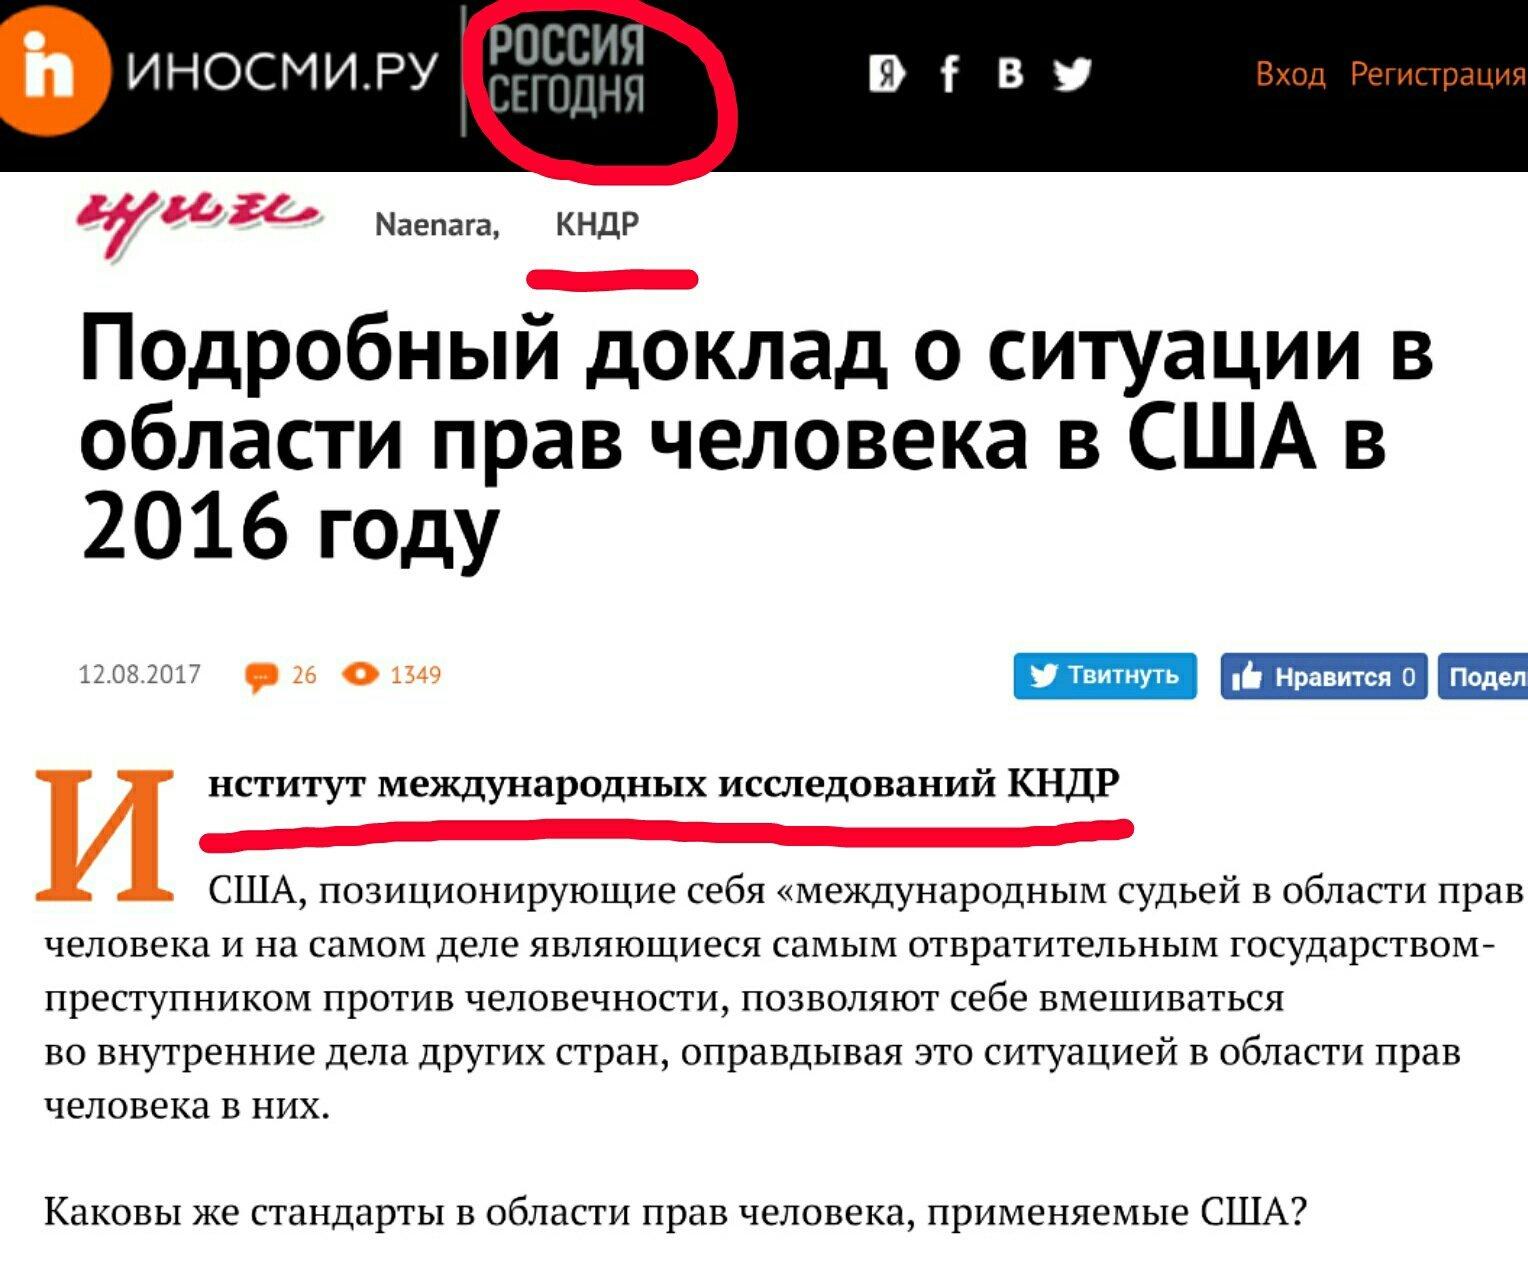 Не присоединить Крым к России, это как сдать нацистам Ленинград, - Лавров - Цензор.НЕТ 5948